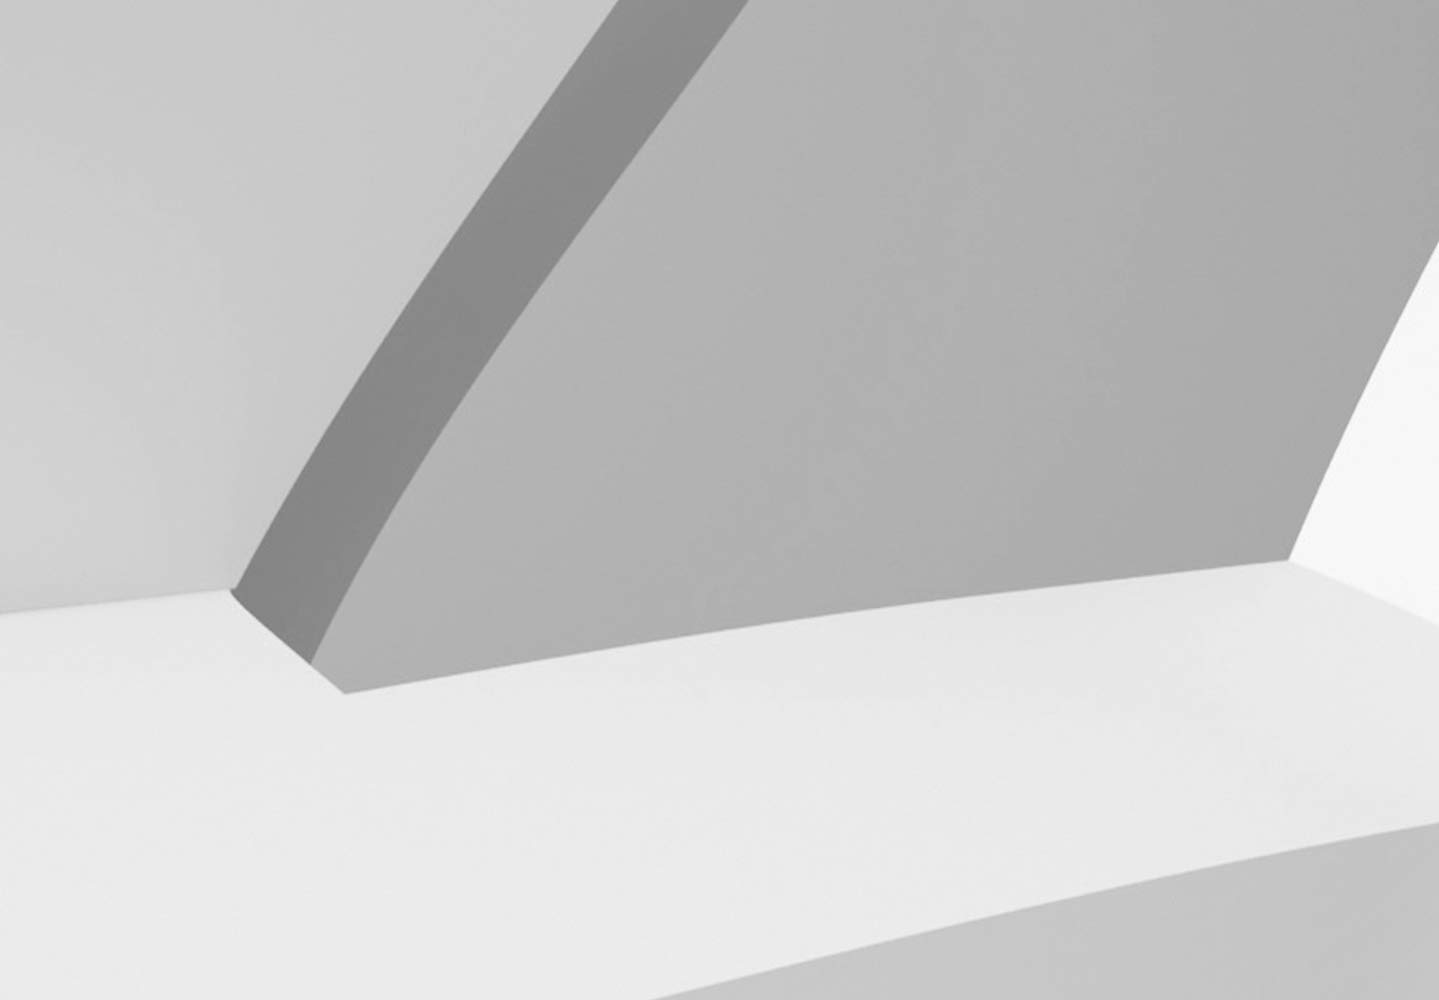 Murando - Fototapete Blaumen Lilien 350x256 cm - Vlies Tapete Tapete Tapete - Moderne Wanddeko - Design Tapete - Wandtapete - Wand Dekoration - Blaume Abstrakt weiß 3D Optisch Illusion b-C-0158-a-a B071D9ZPGF Wandtattoos & Wandbilder 82bf1c